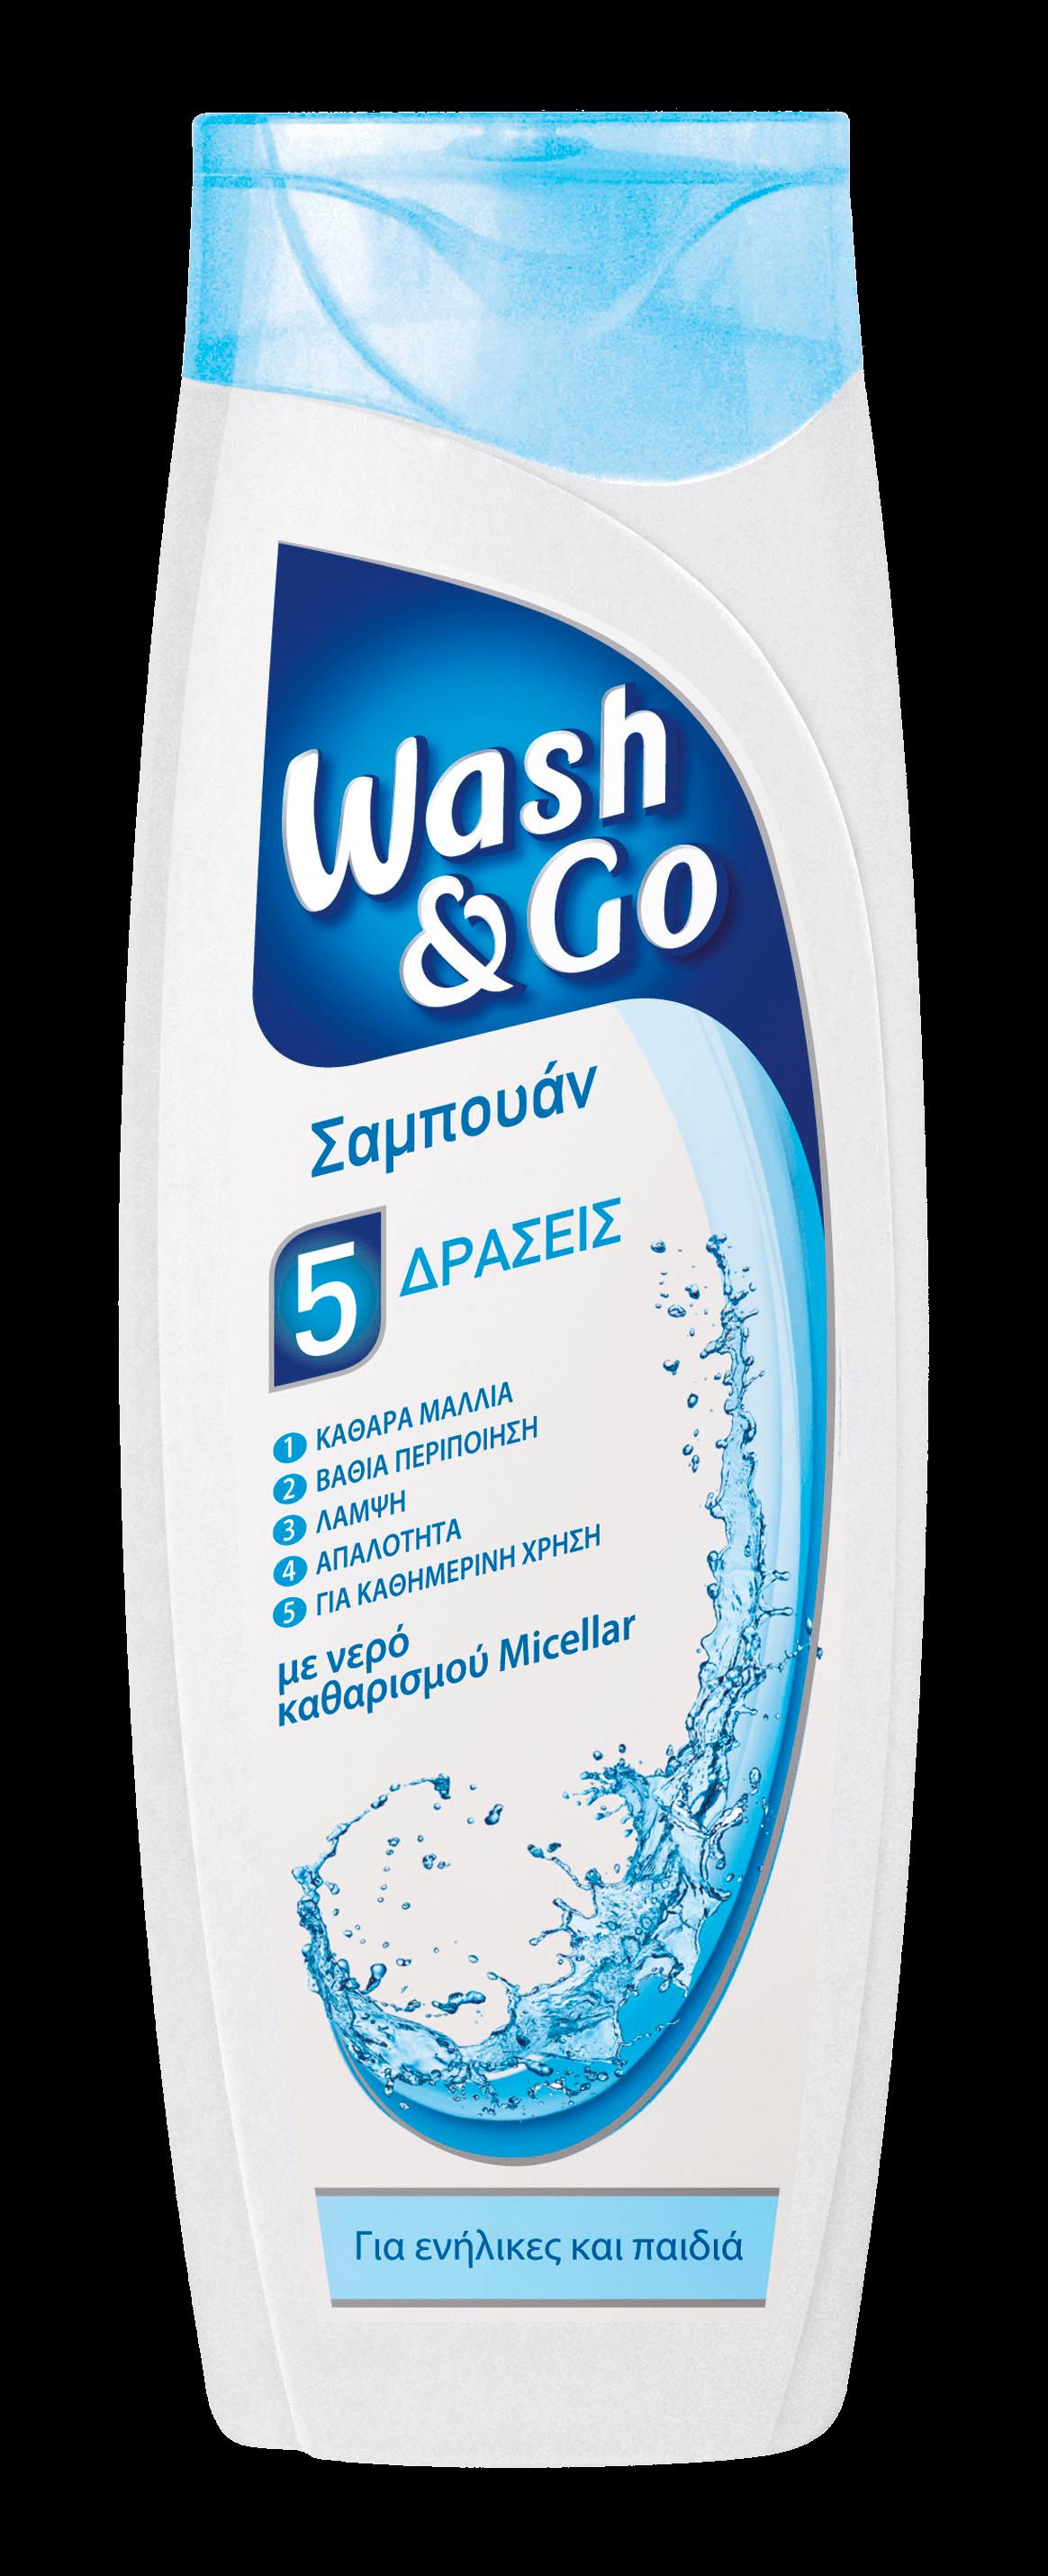 Σαμπουάν για Κανονικά Μαλλιά με νερό καθαρισμού Micellar Wash & Go (400 ml) 1+1